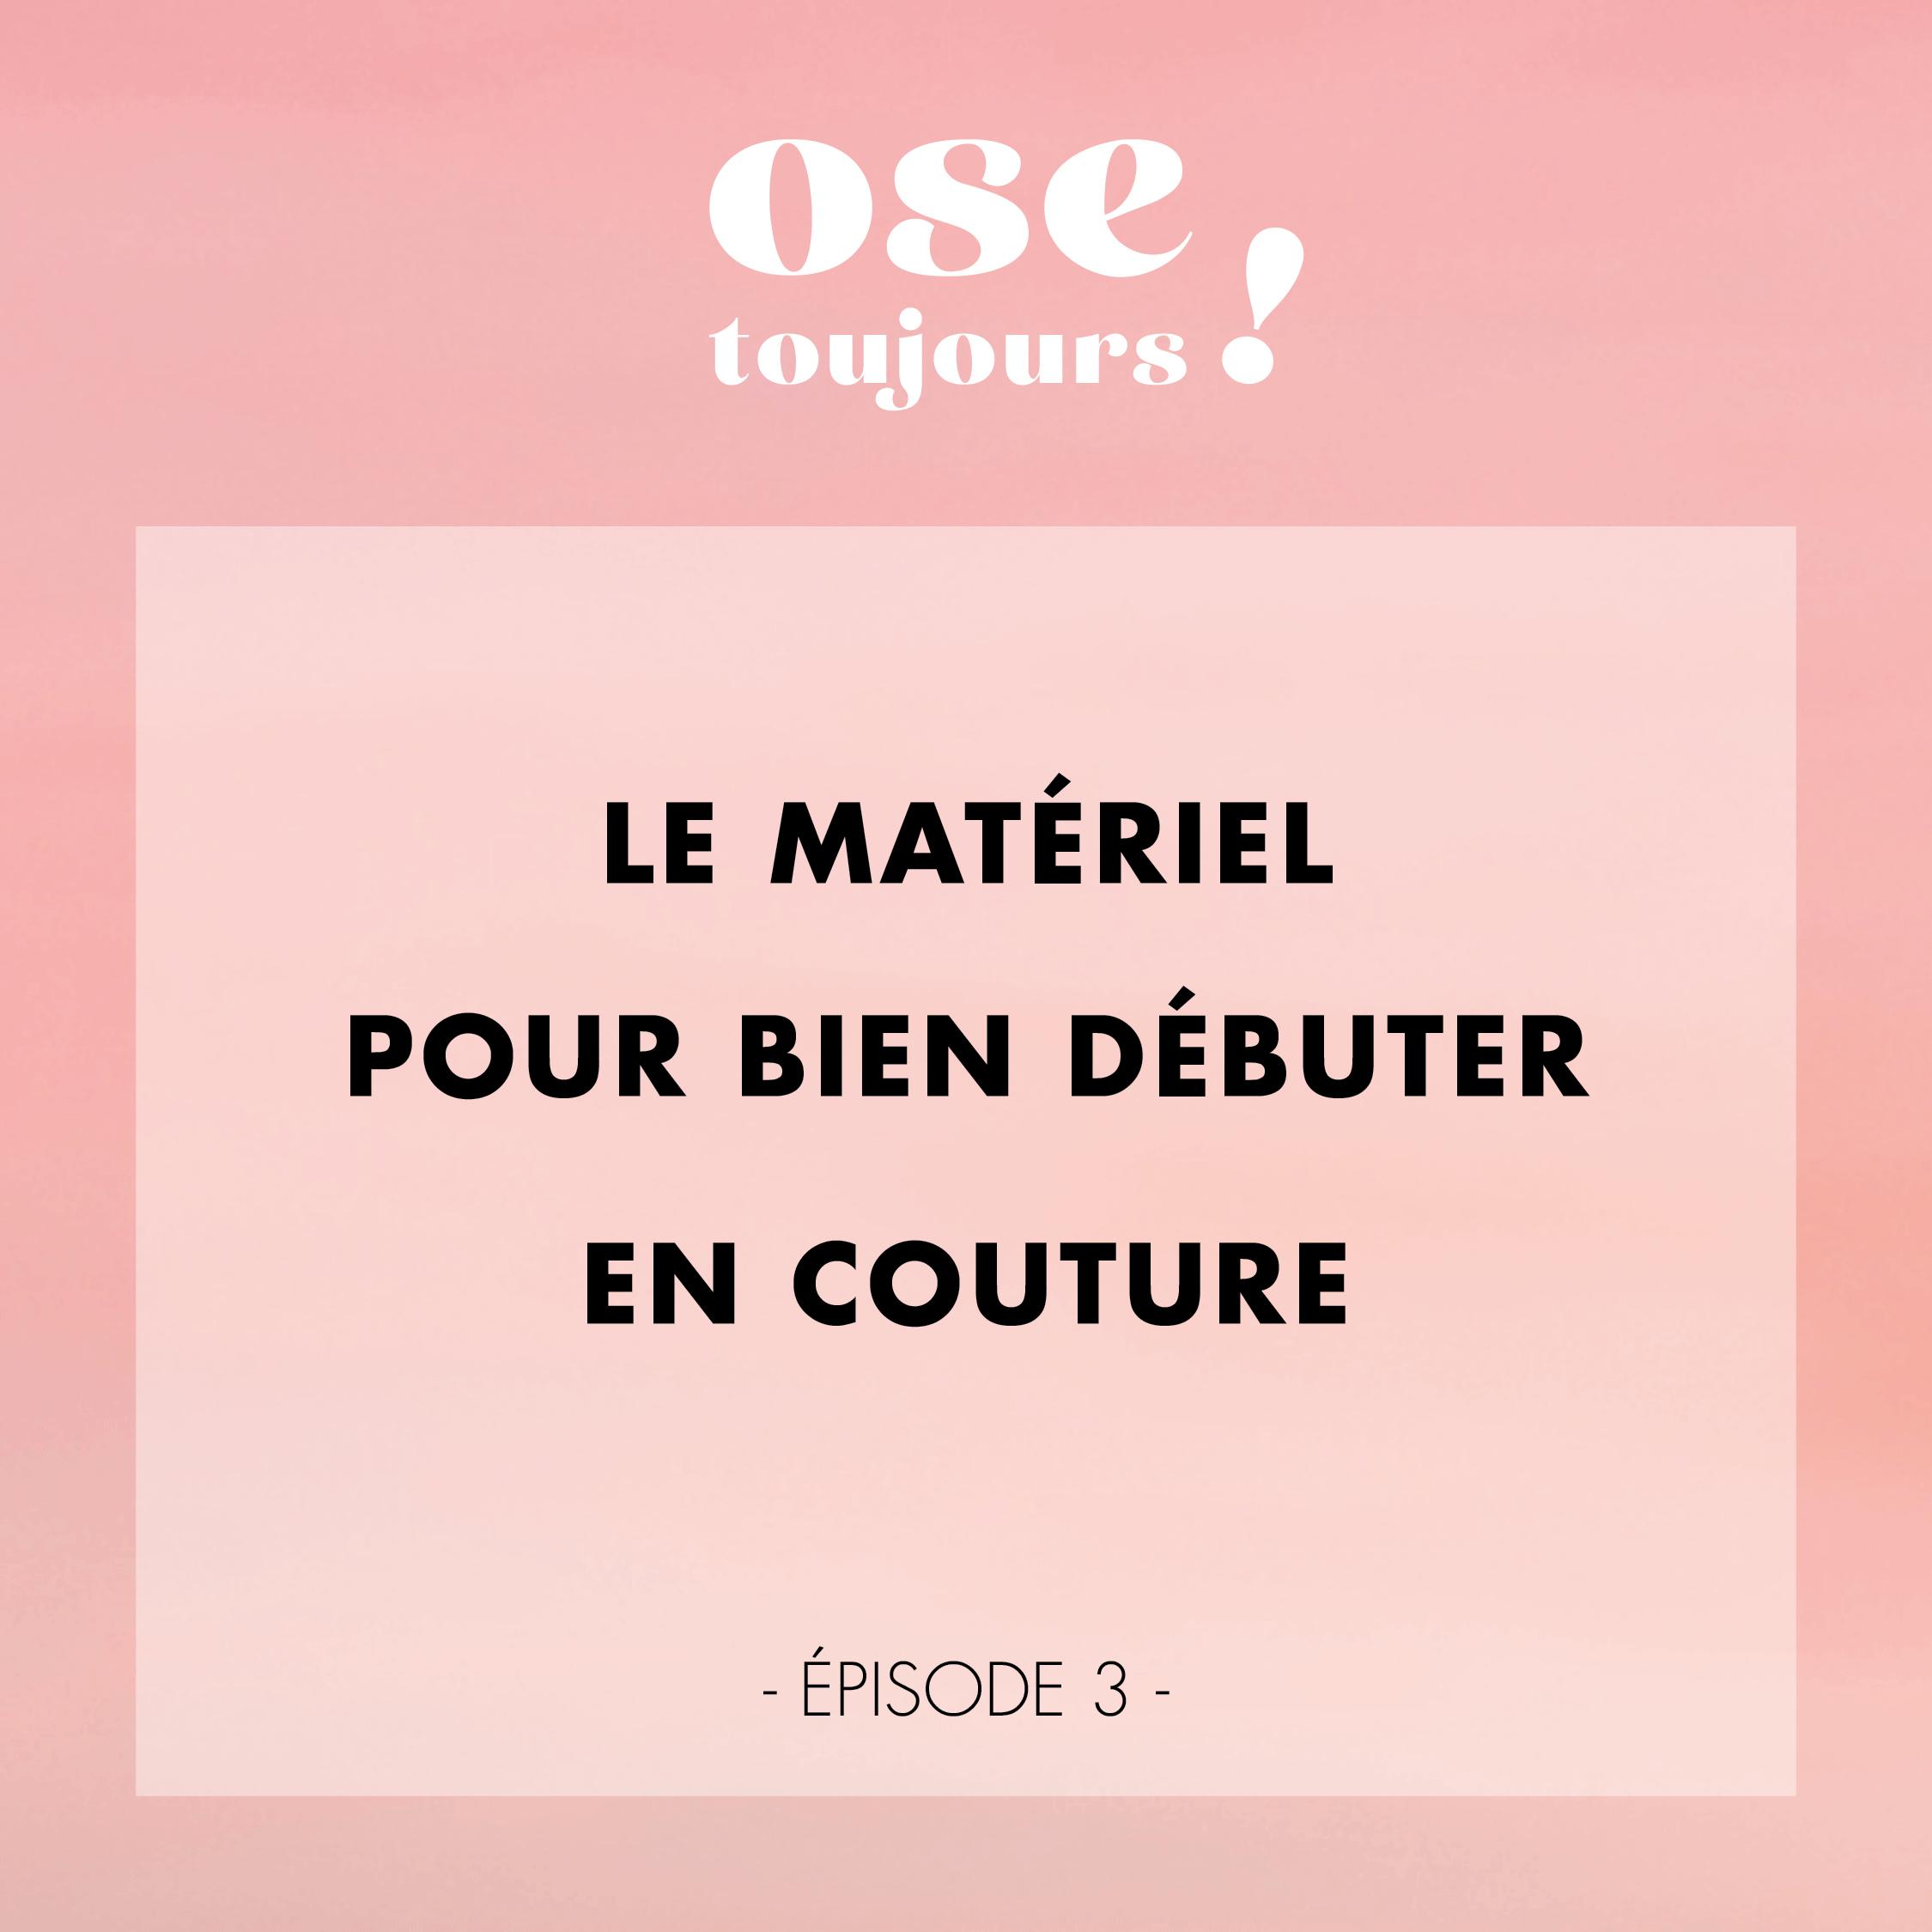 Podcast Ose Toujours de Ose Patterns - Le matériel pour bien débuter en couture